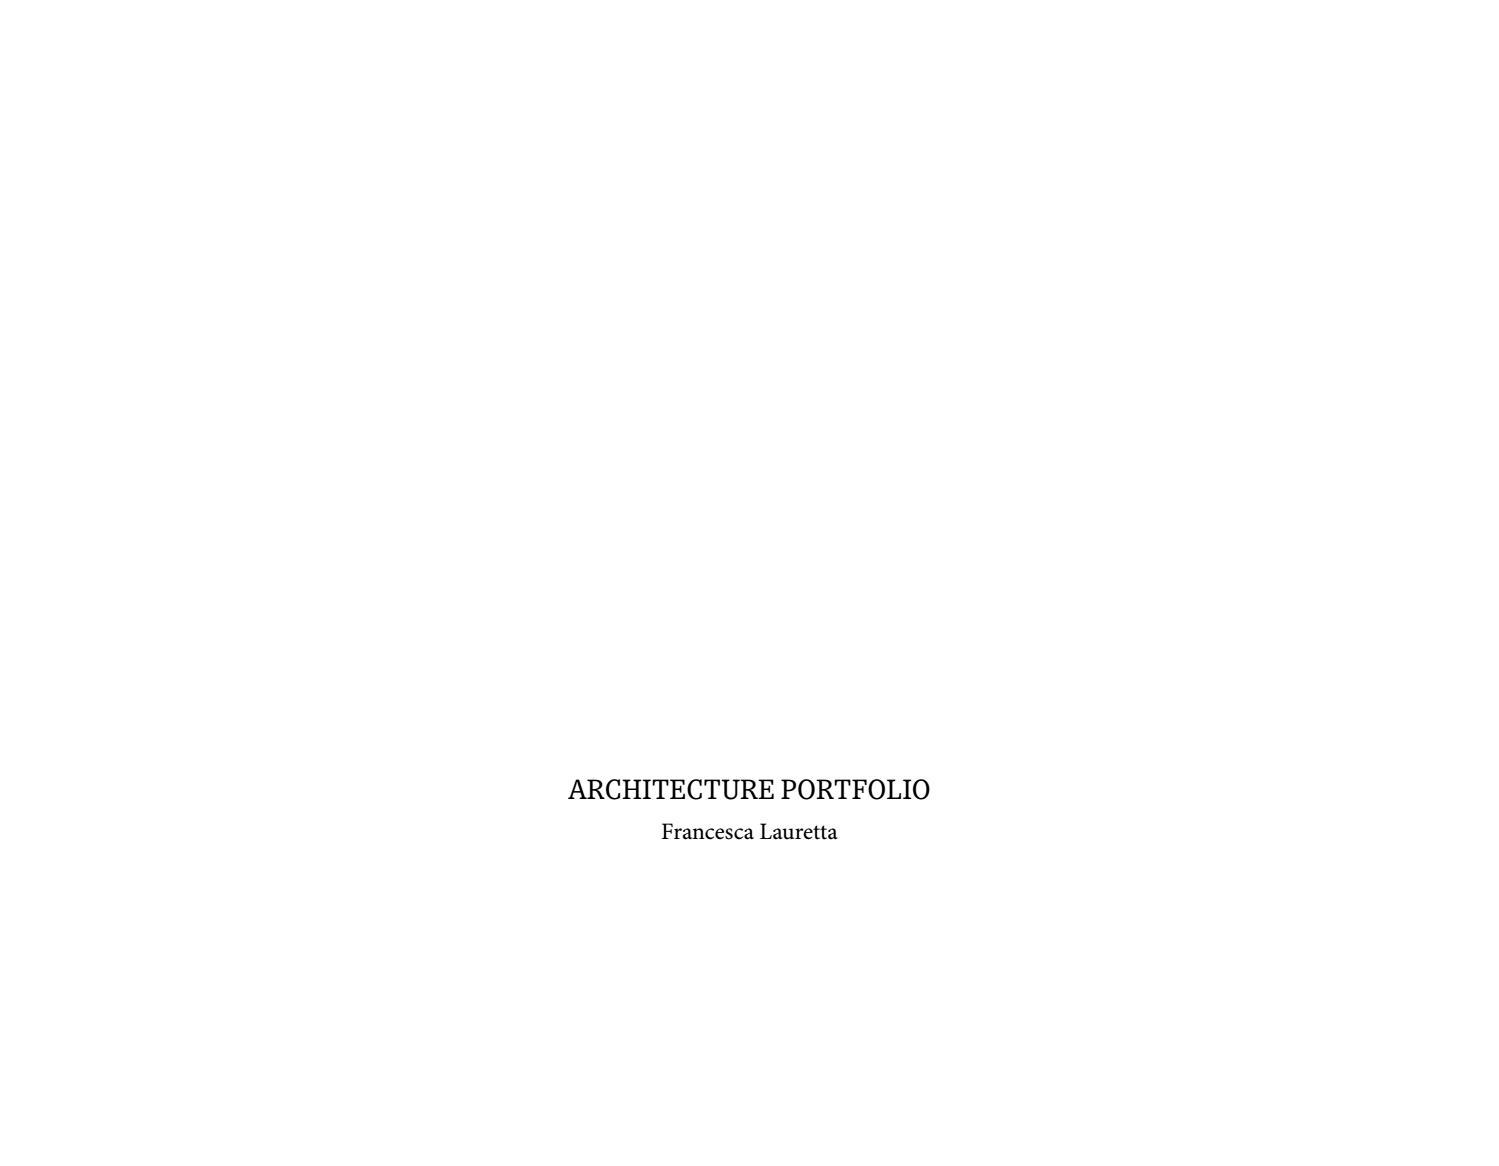 Vespaio Areato Altezza Minima architecture portfolio_francesca lauretta by francesca